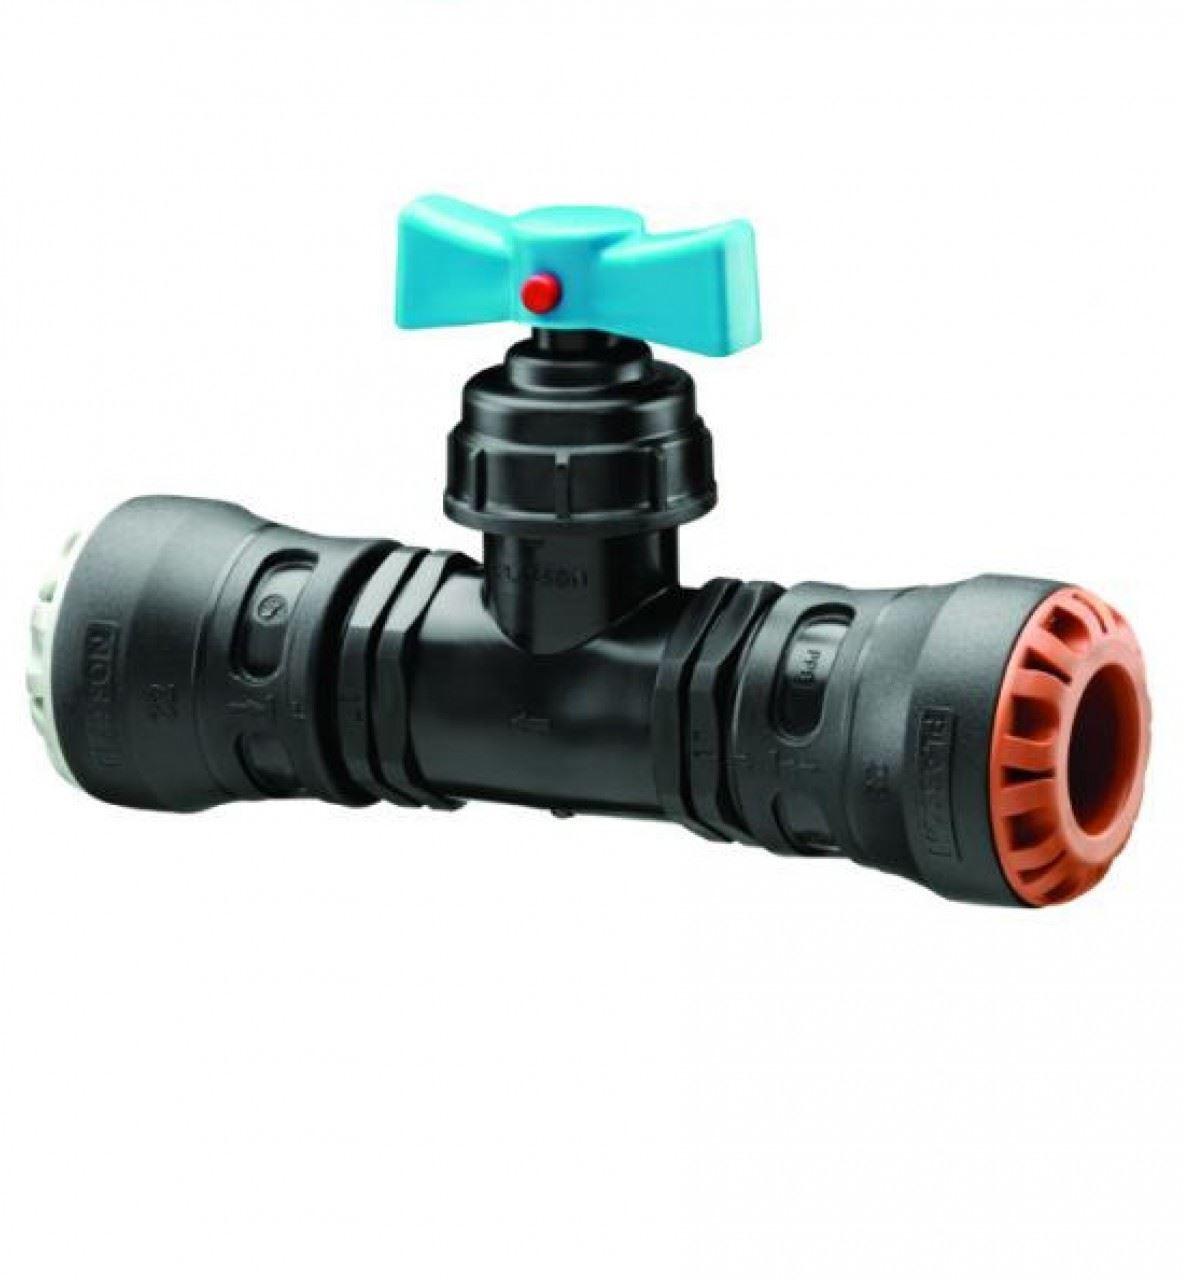 Plass-one Plass-one Plass-one 25 mm x 22mm Push Fit mm MDPE AL RAME RUBINETTO ARRESTO - 0341c cbf981